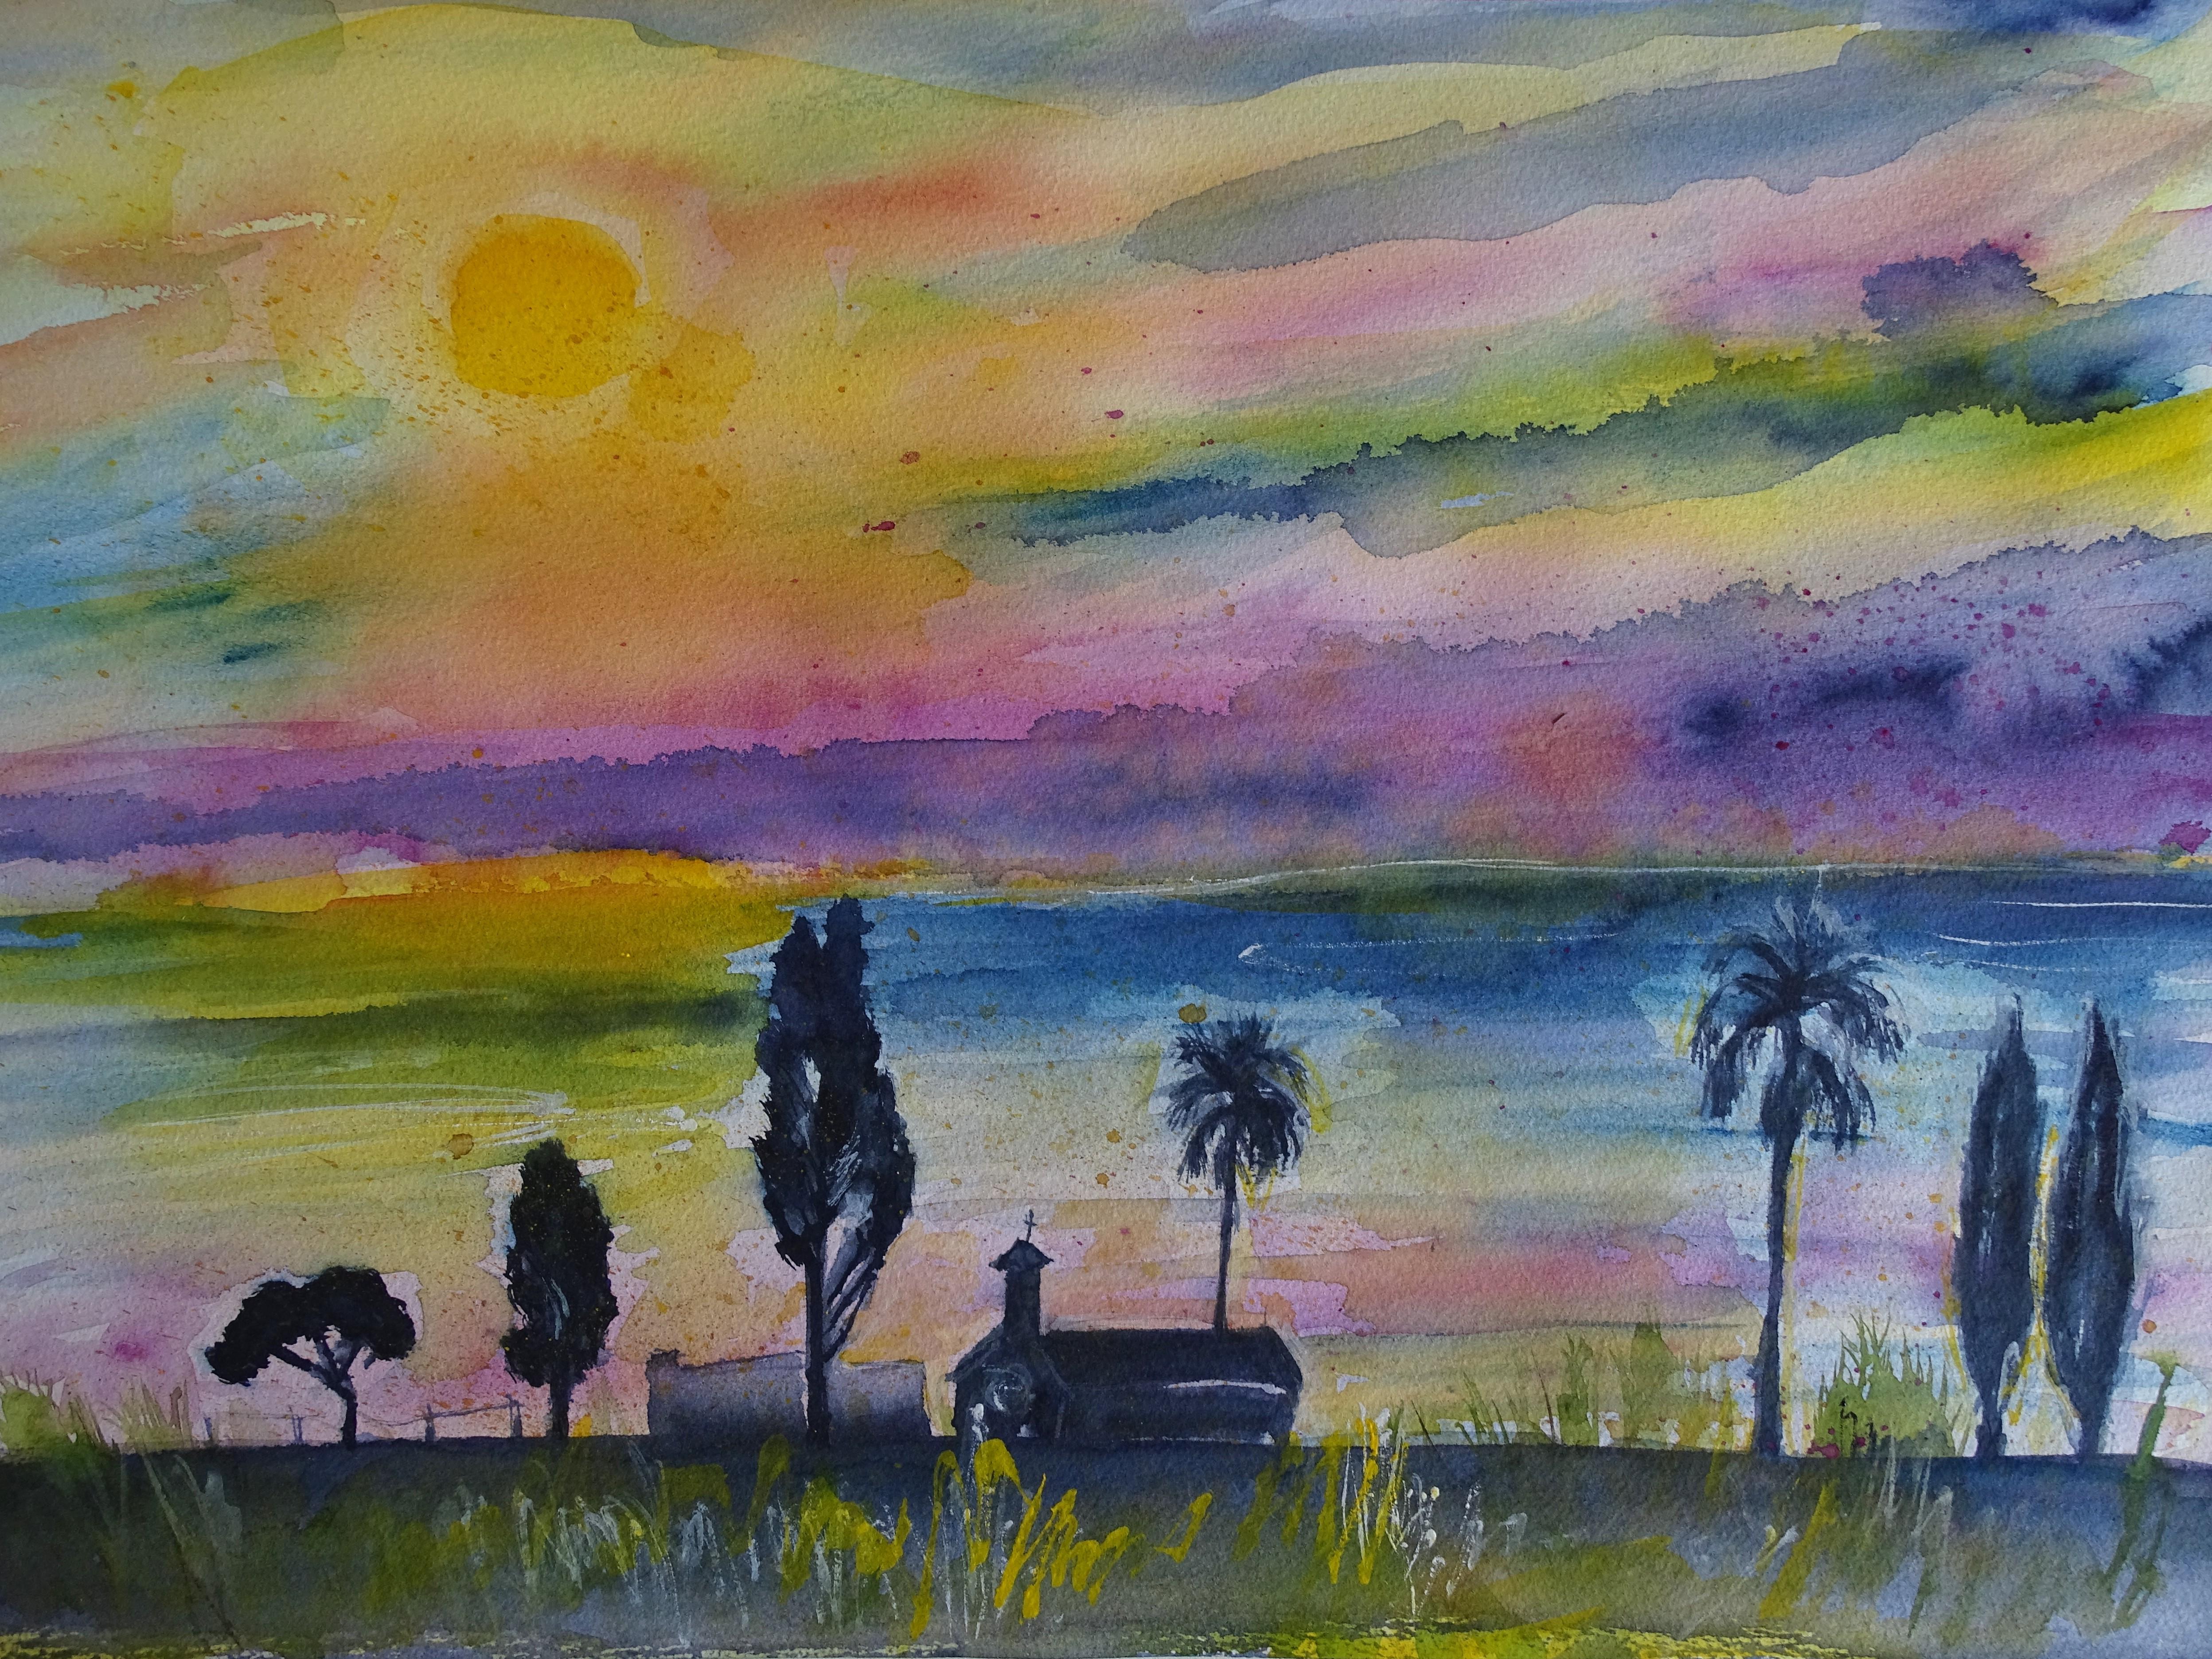 Sonnenaufgang-ueber-dem-Meer-Aquarelle-Nadia-Baumgart